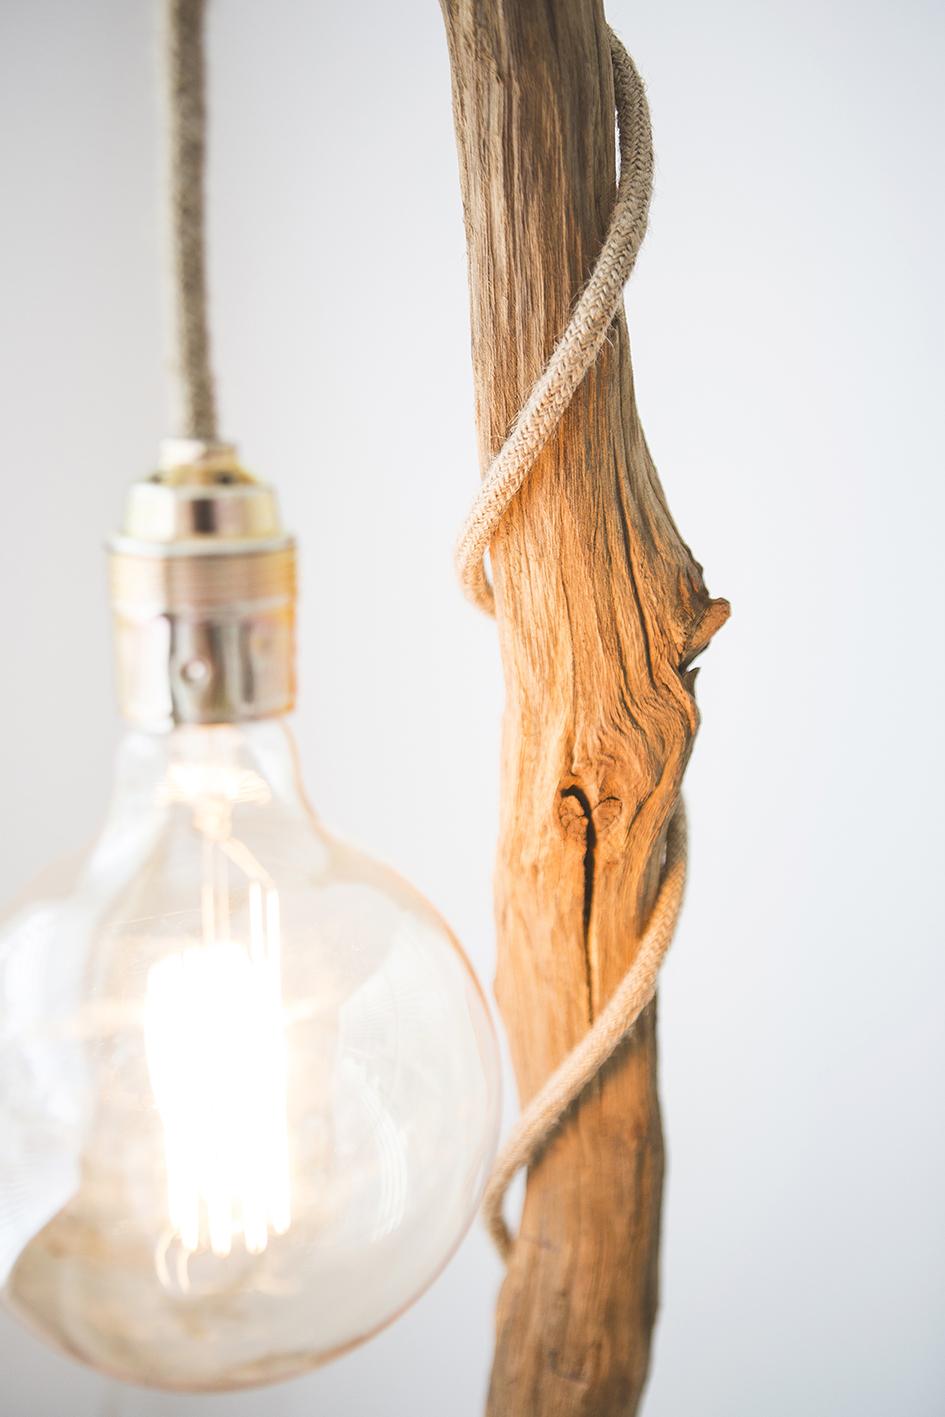 Verwonderend Apesso | Houten boomstronk vloerlamp - ThomasWood DE-06